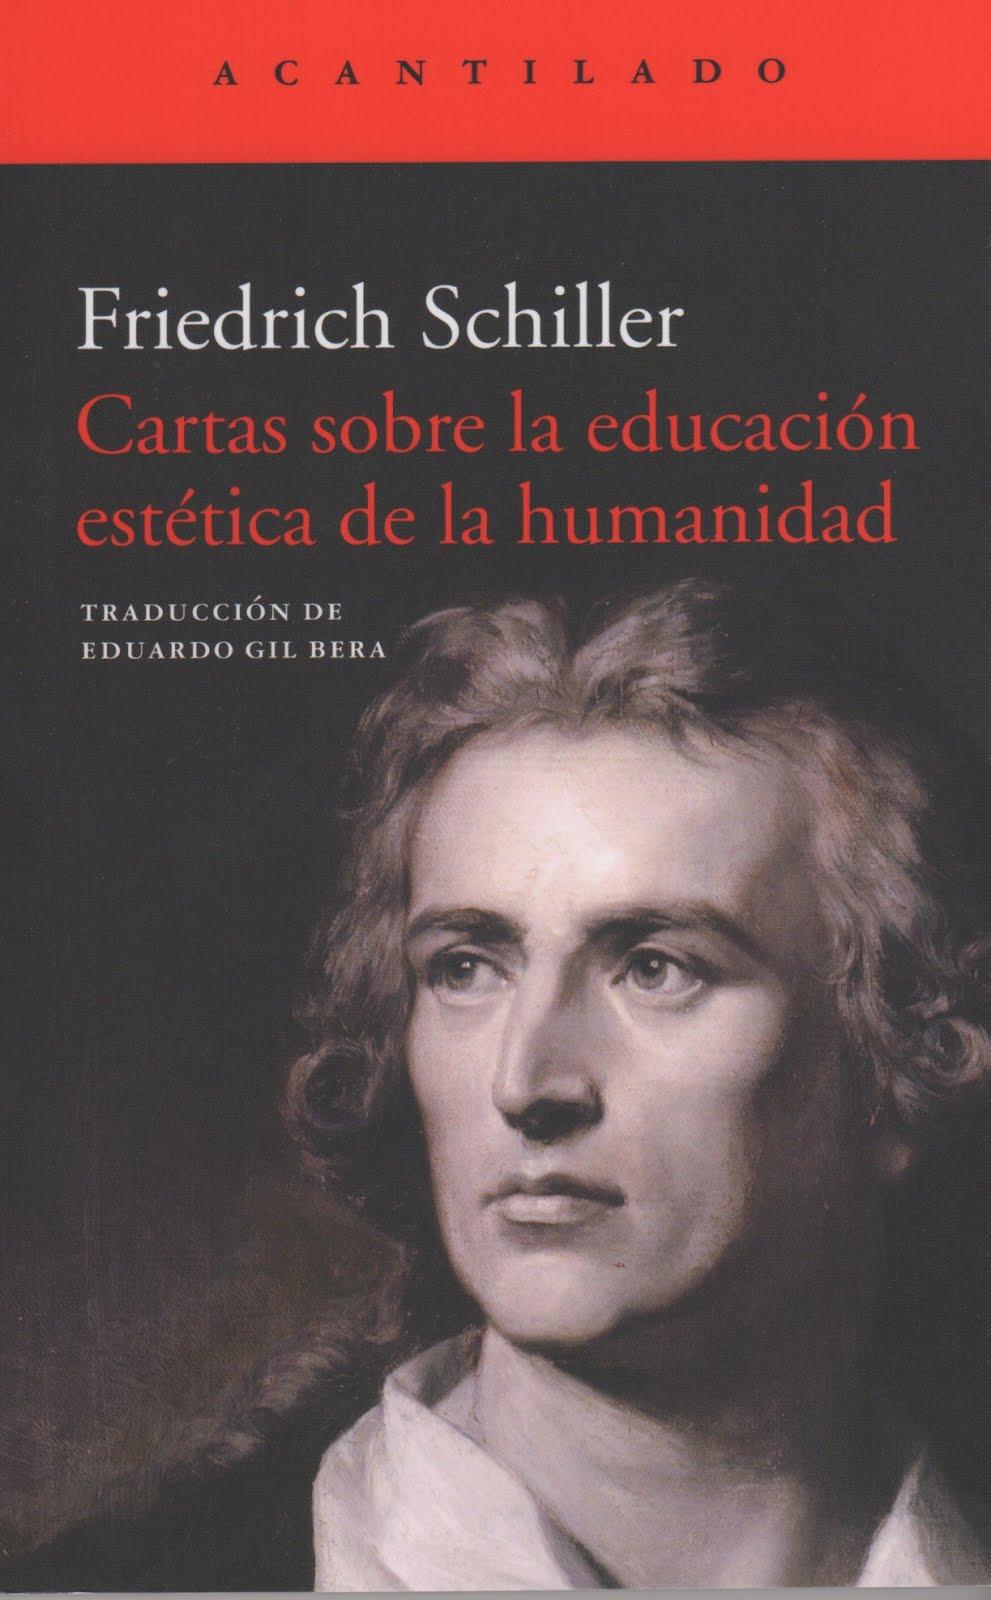 Friedrich Schiller (Cartas sobre la educación estética de la humanidad)